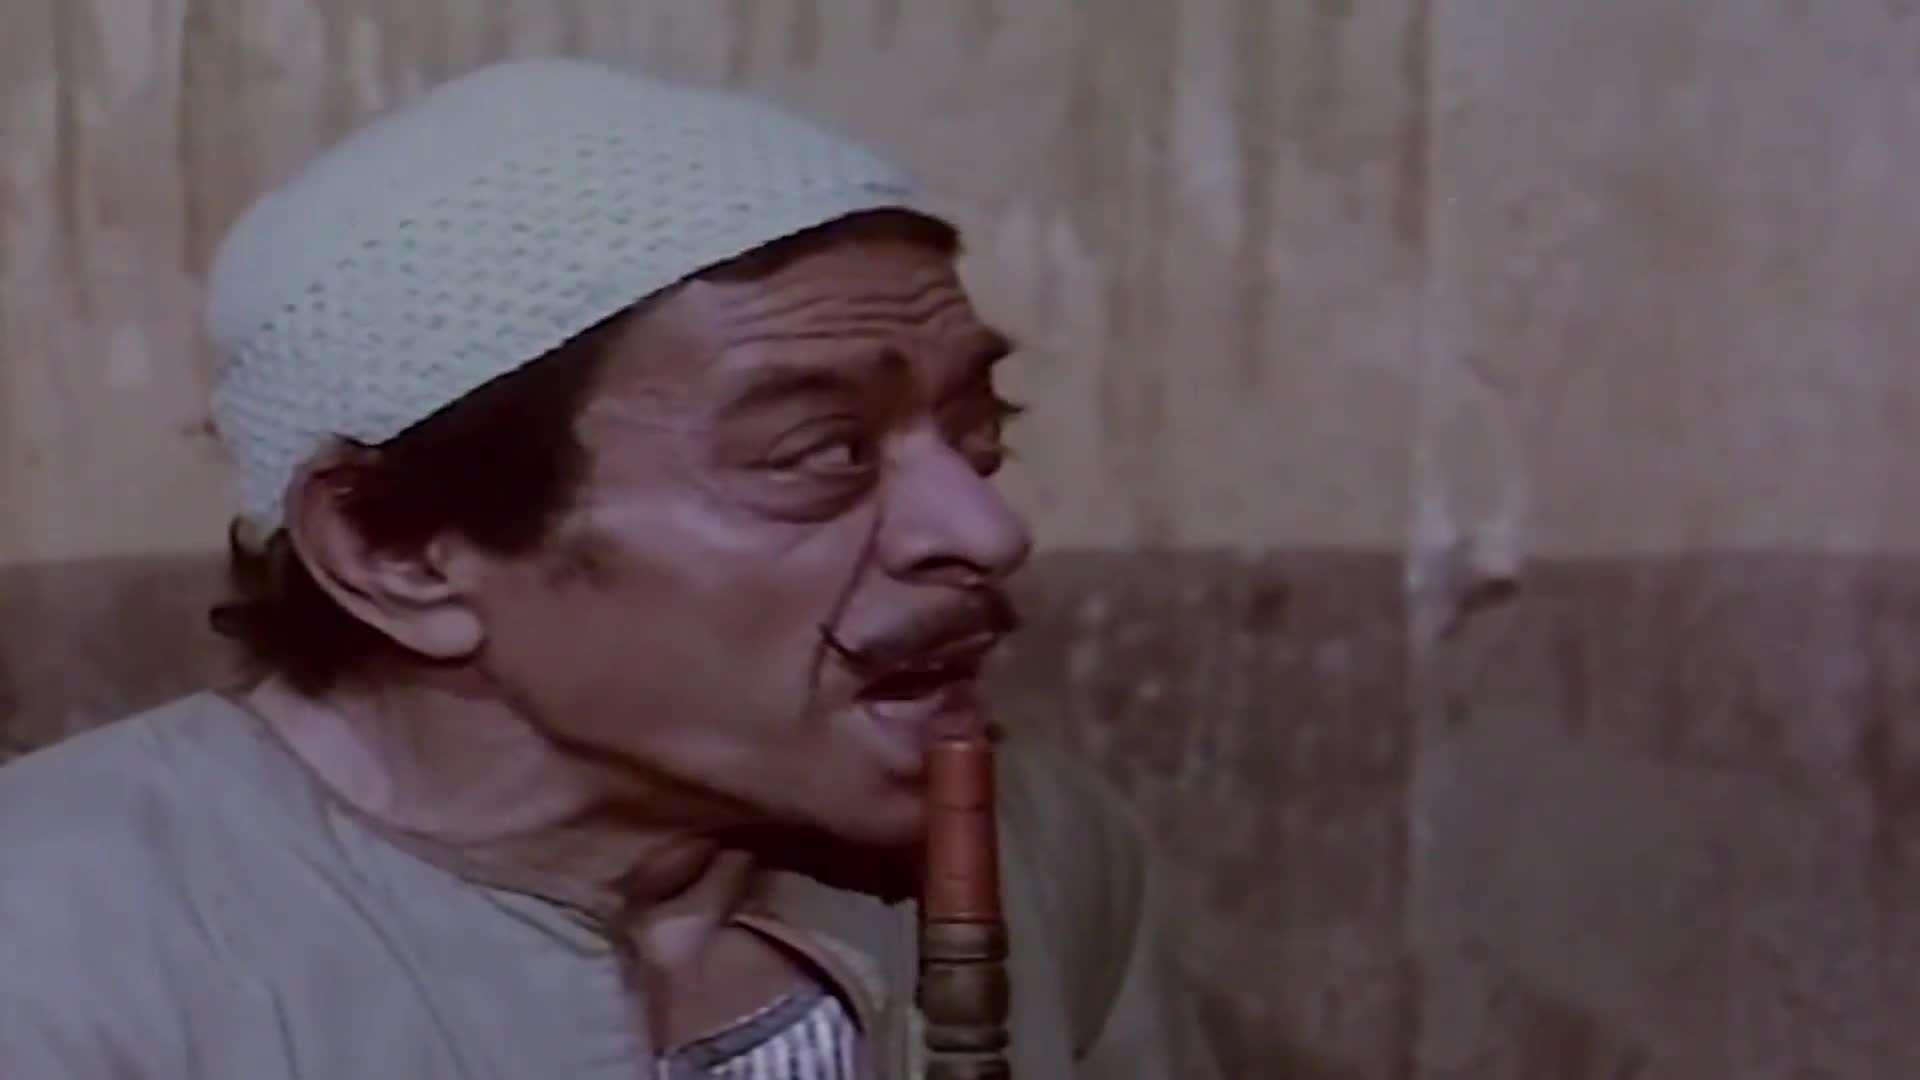 [فيلم][تورنت][تحميل][الشيطان يعظ][1981][1080p][Web-DL] 4 arabp2p.com